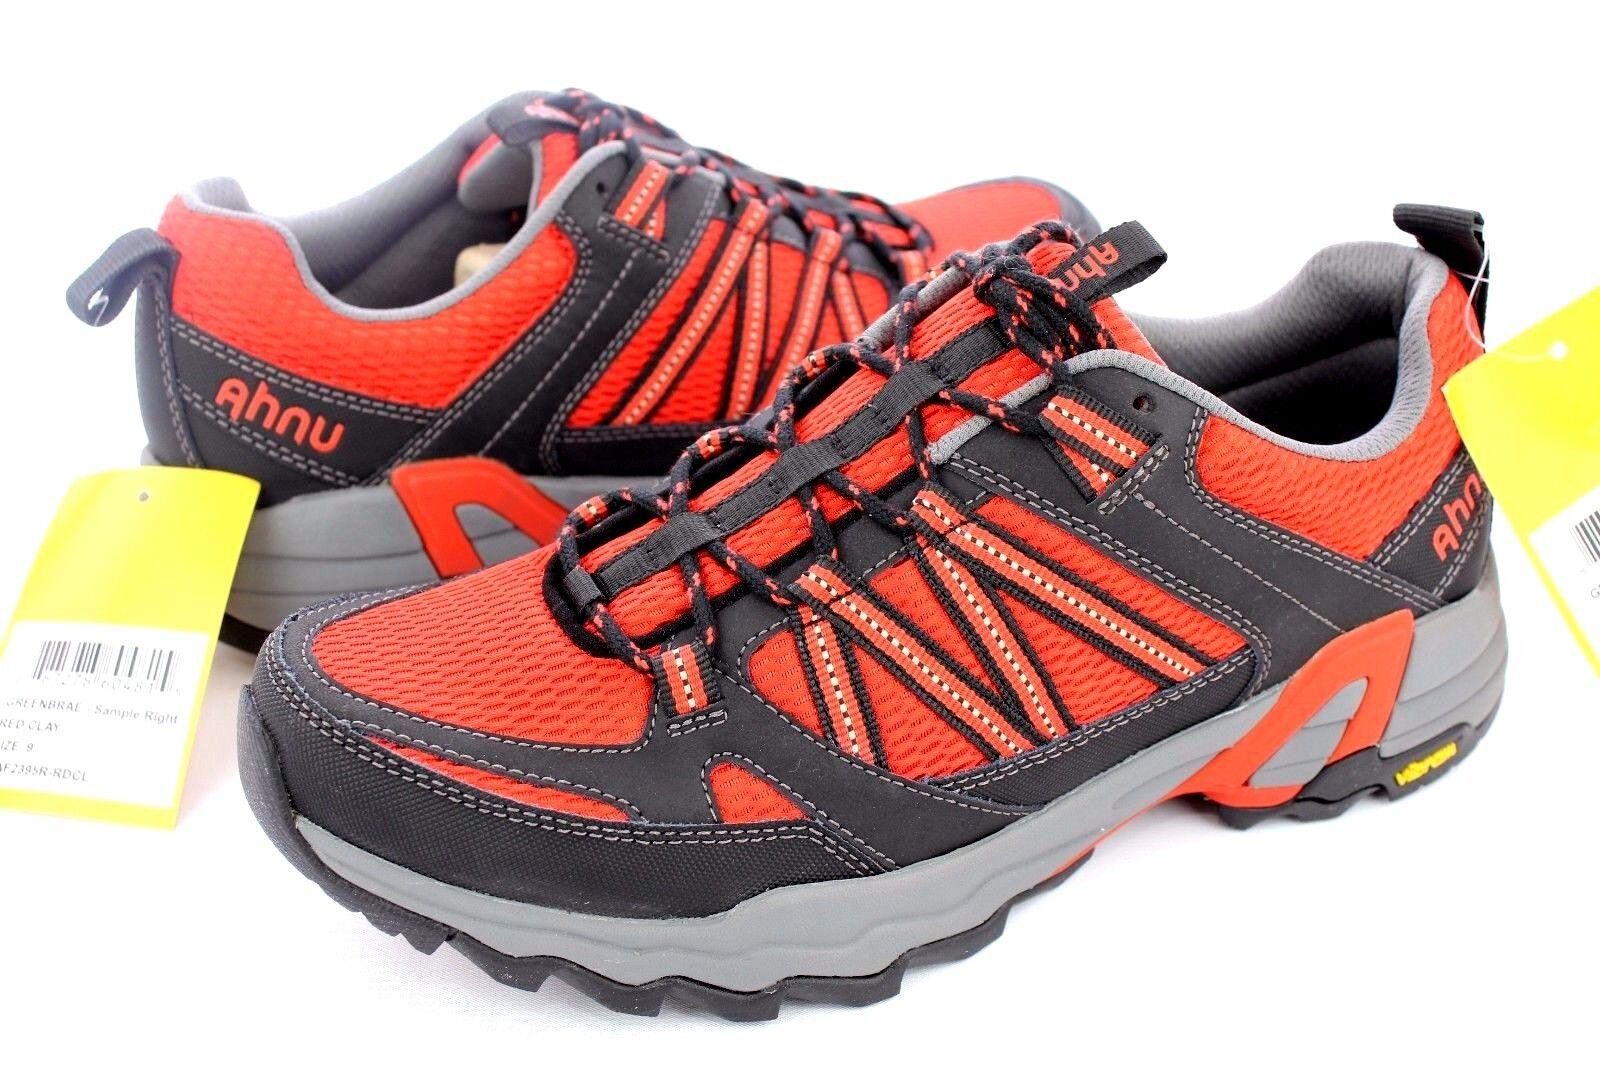 AHNU rosso CLAY verdeBRAE WATER-PROOF TRAIL TRAIL TRAIL RUNNING scarpe Dimensione 9 US 3ac173